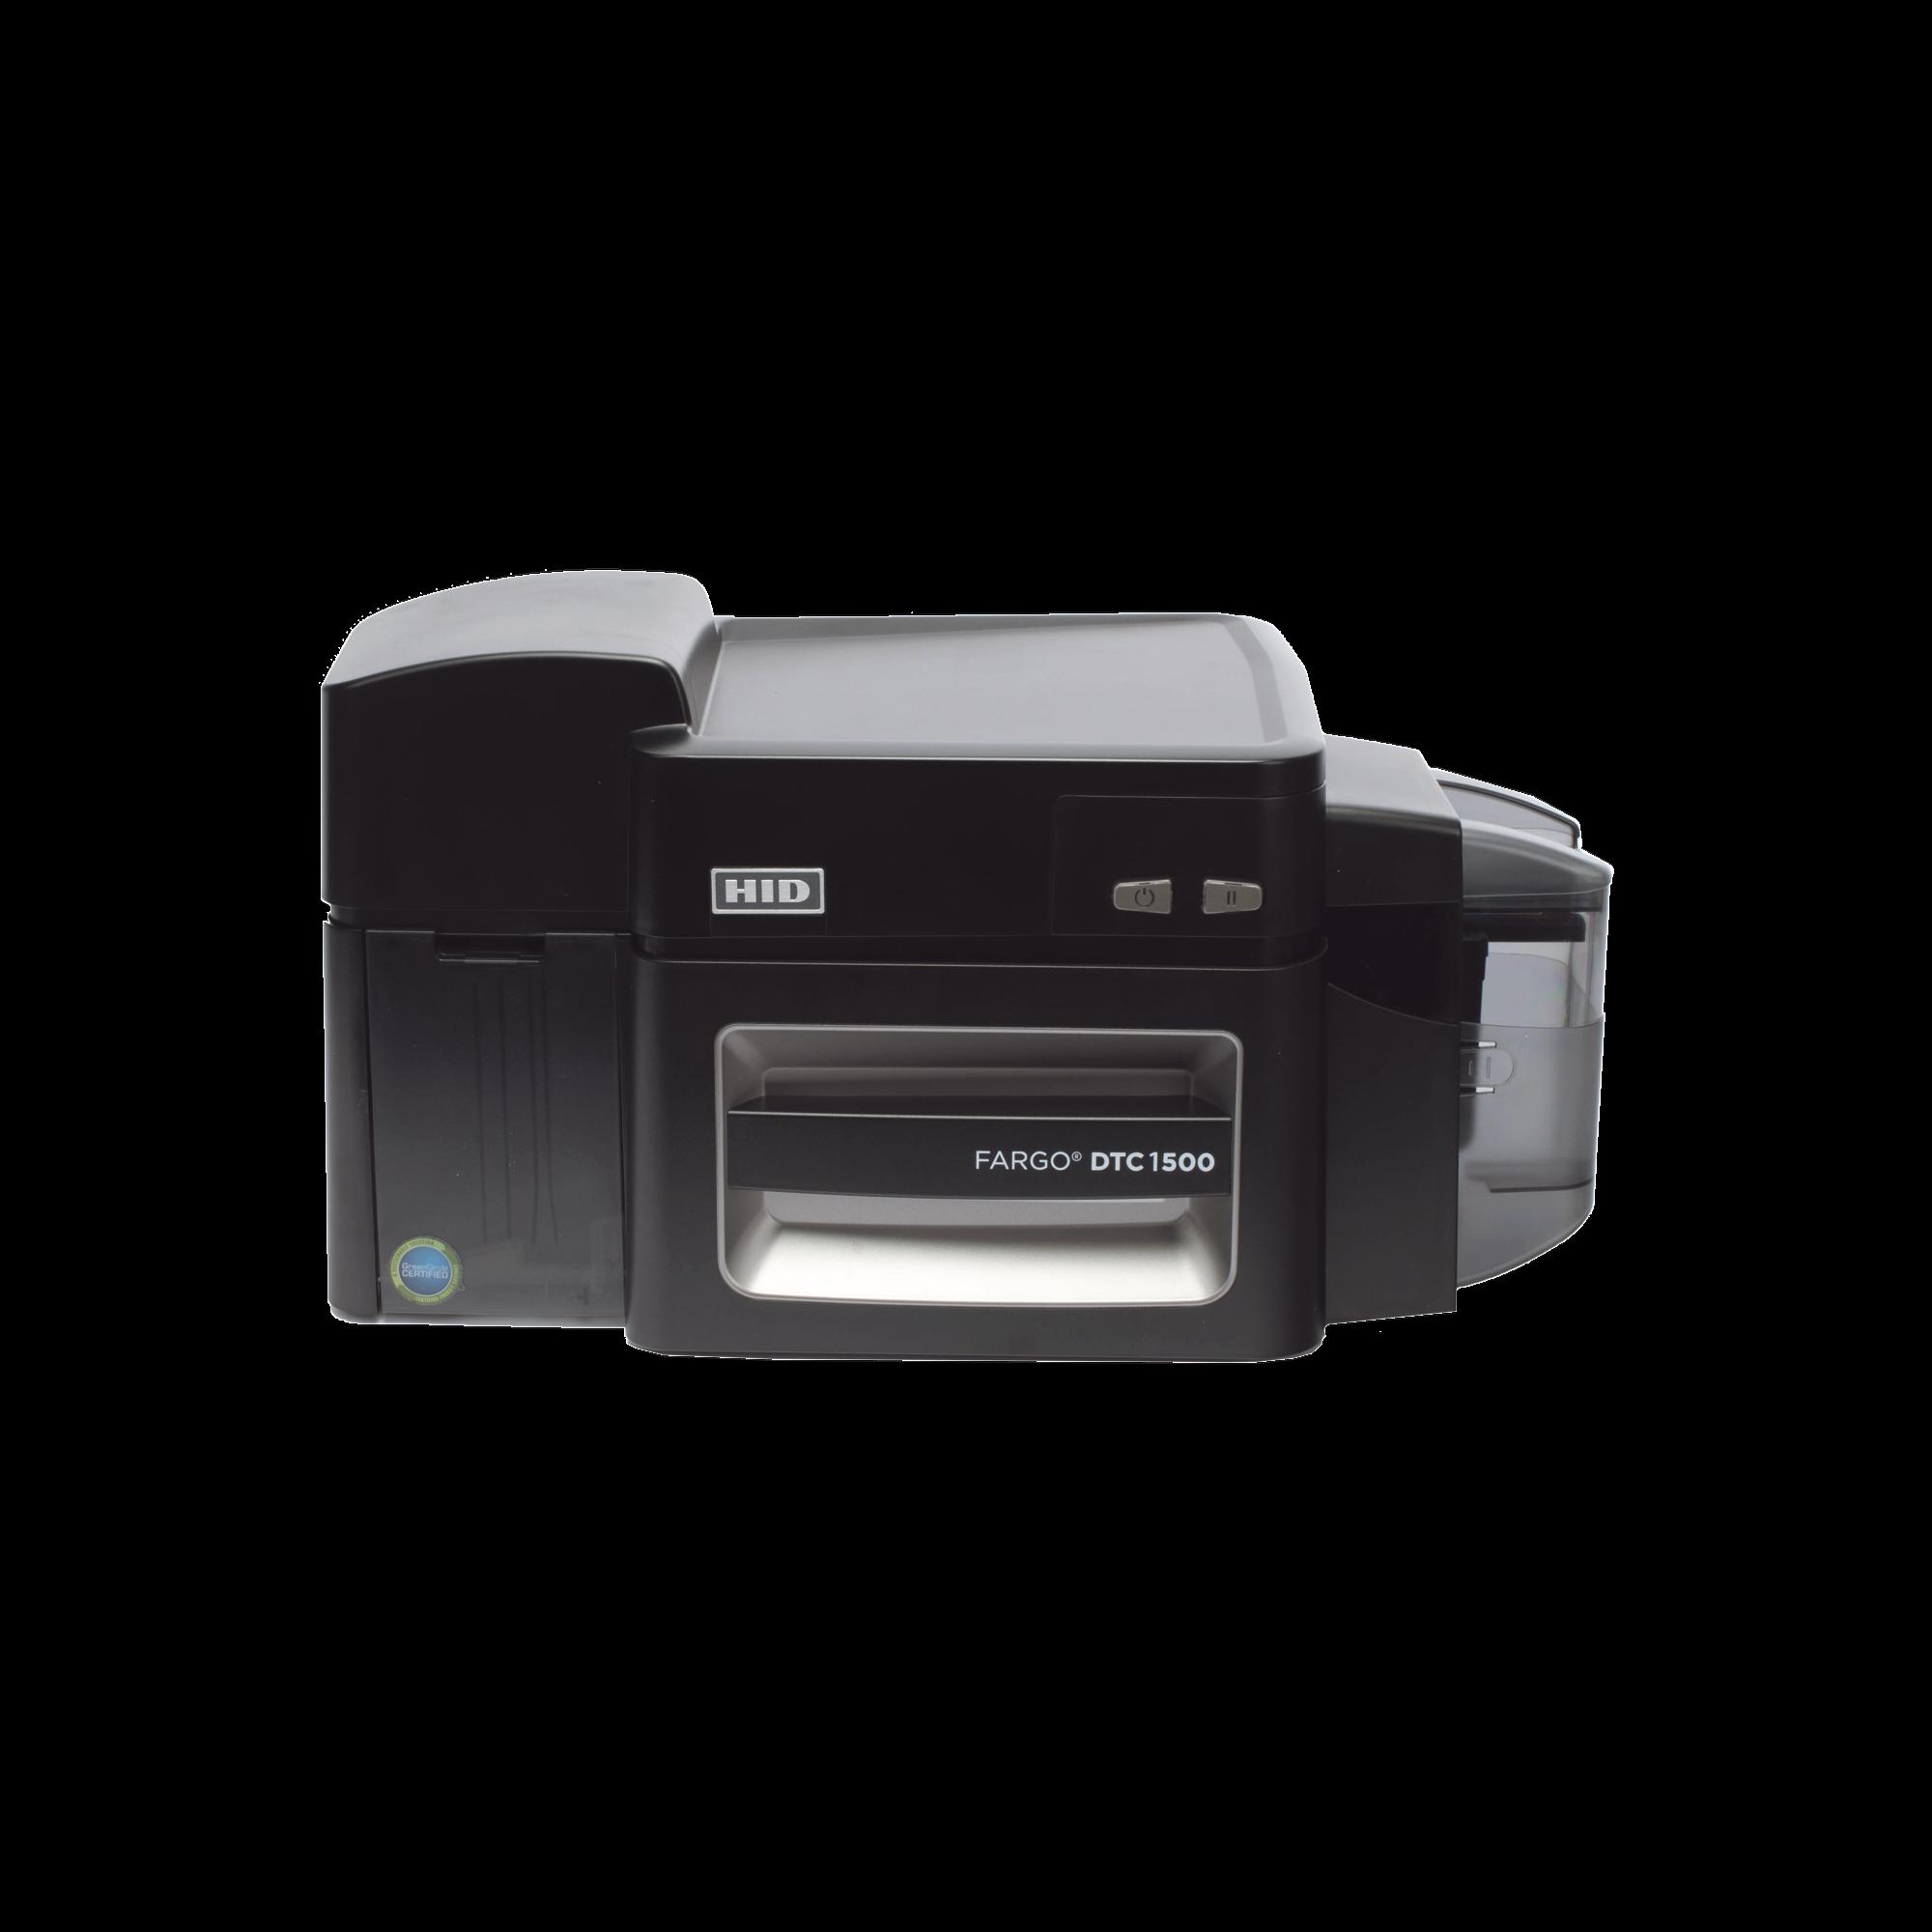 Kit de Impresora Profesional de Una Cara DTC1500/ Borrado información/ Marca de Agua/ Incluye Ribbon y Software